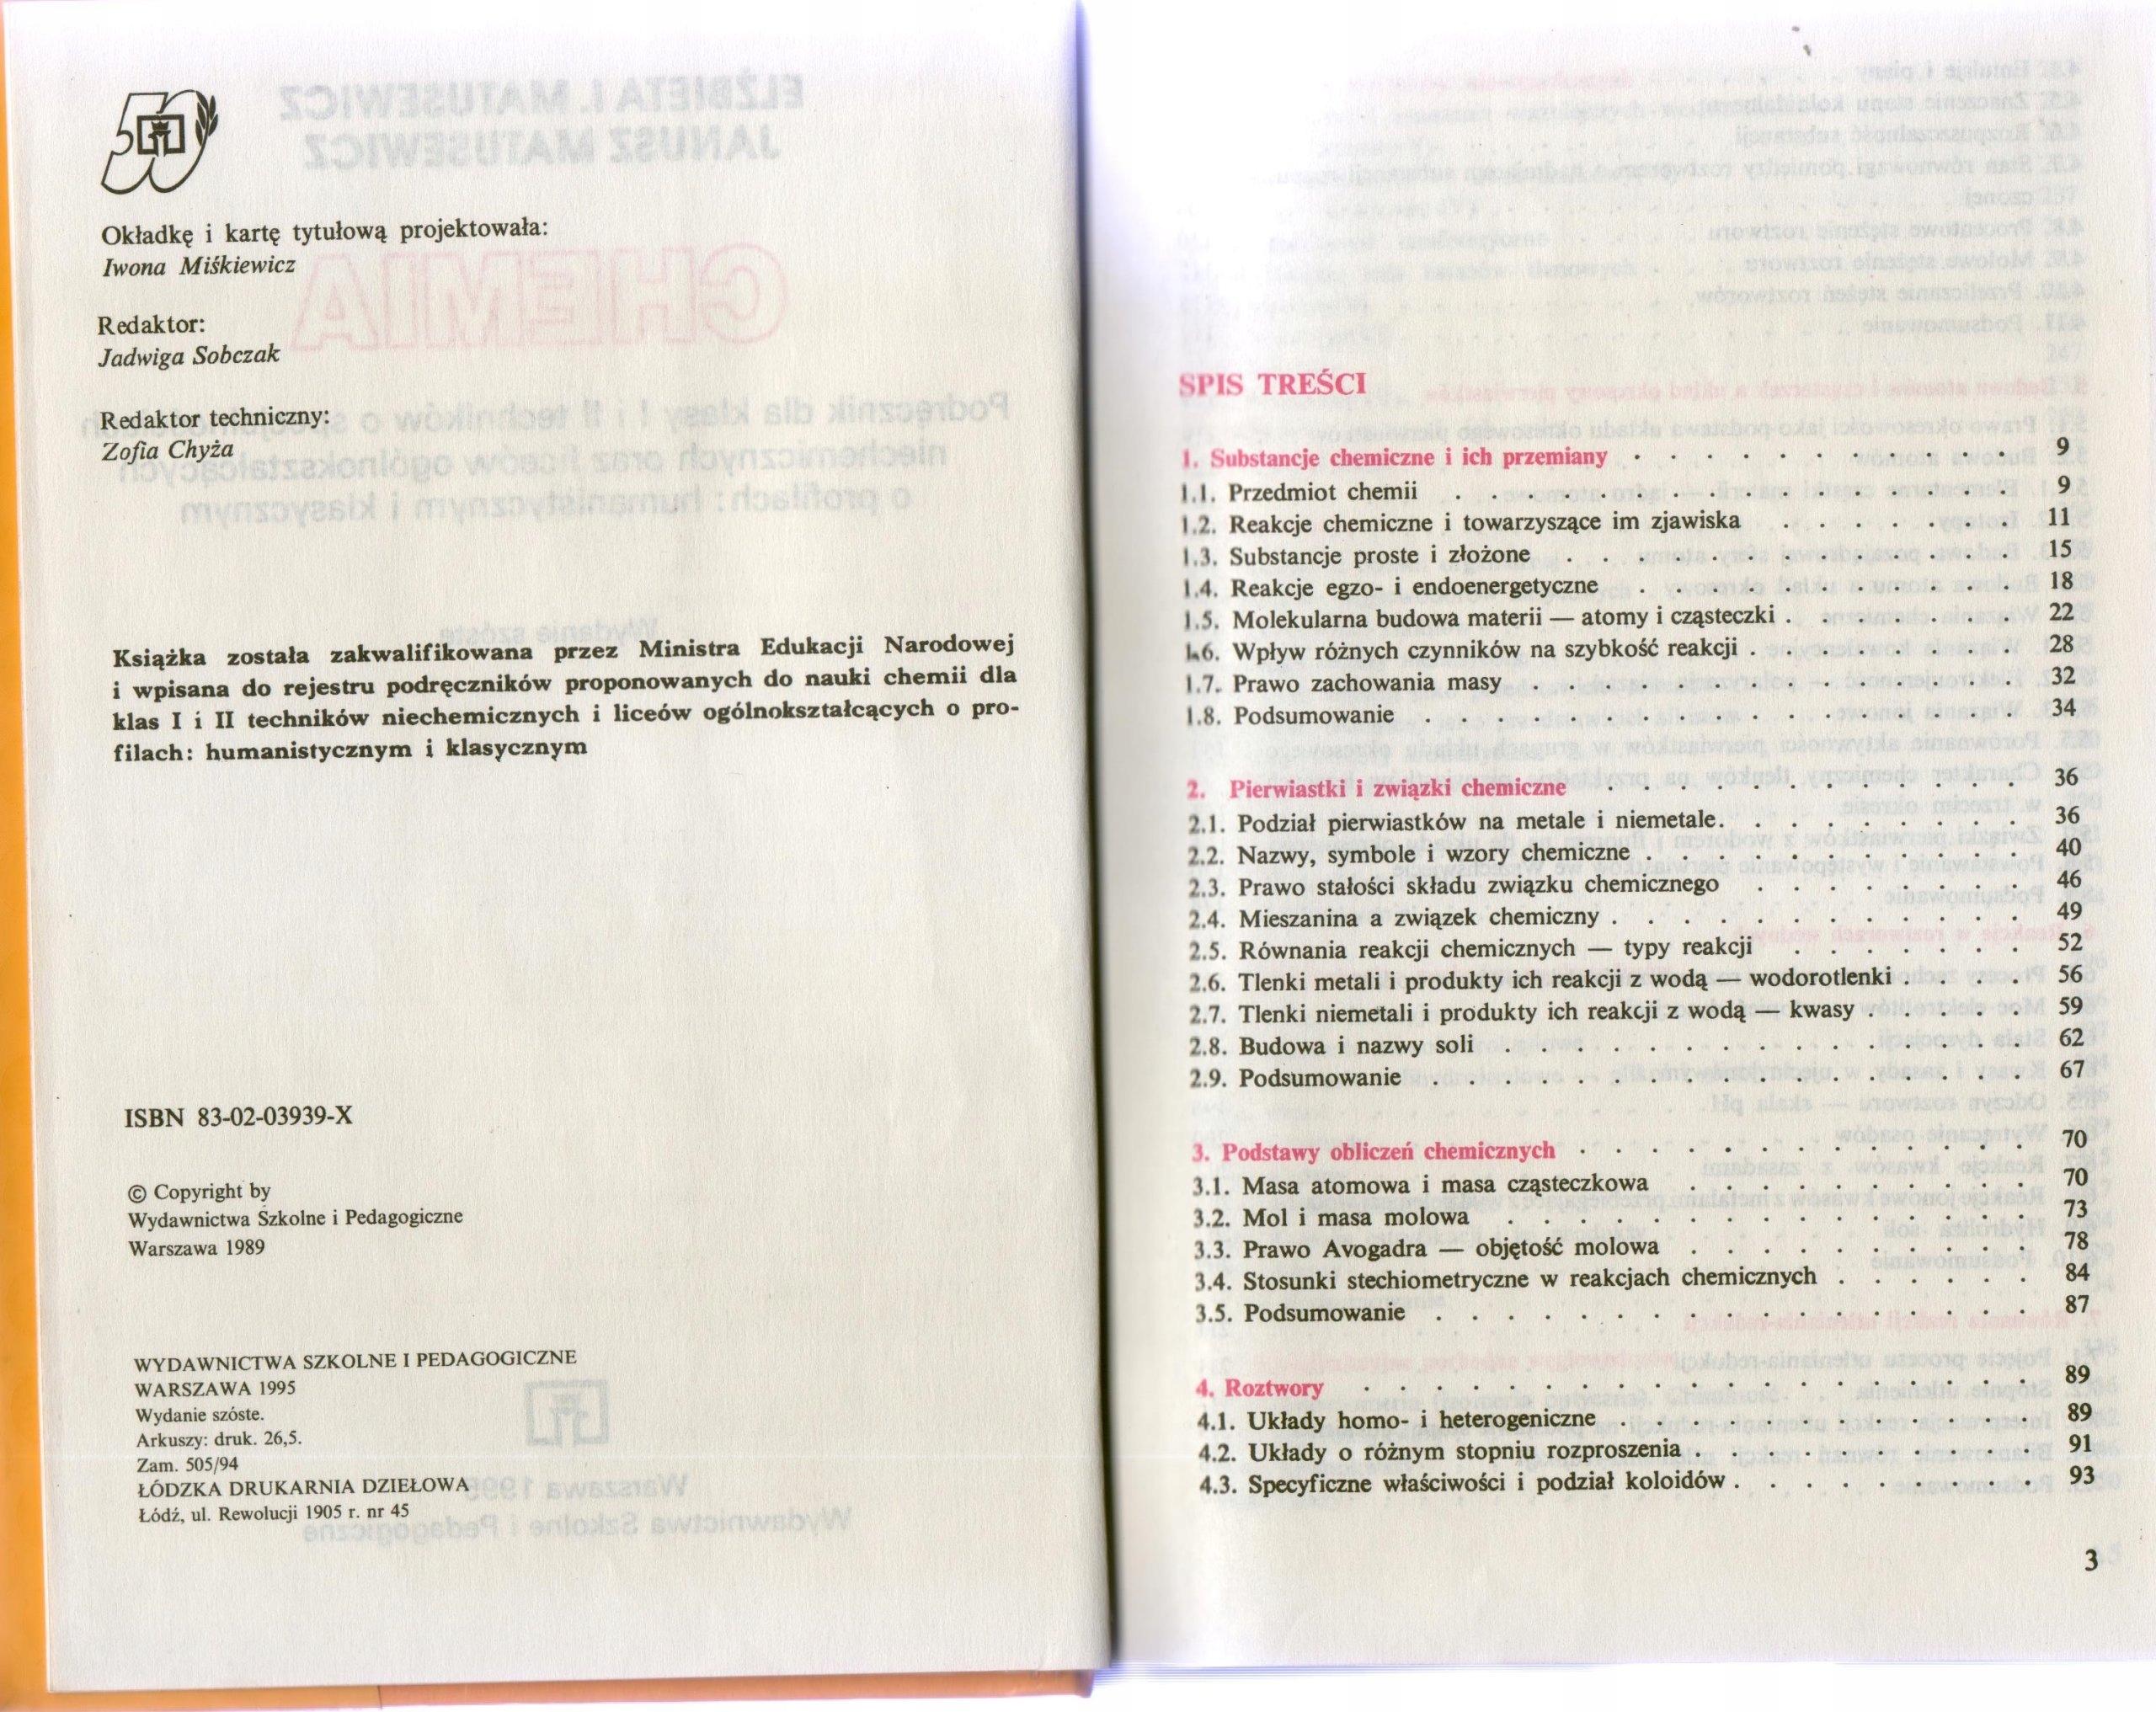 E Matusewicz J Matusewicz Chemia 7041514358 Oficjalne